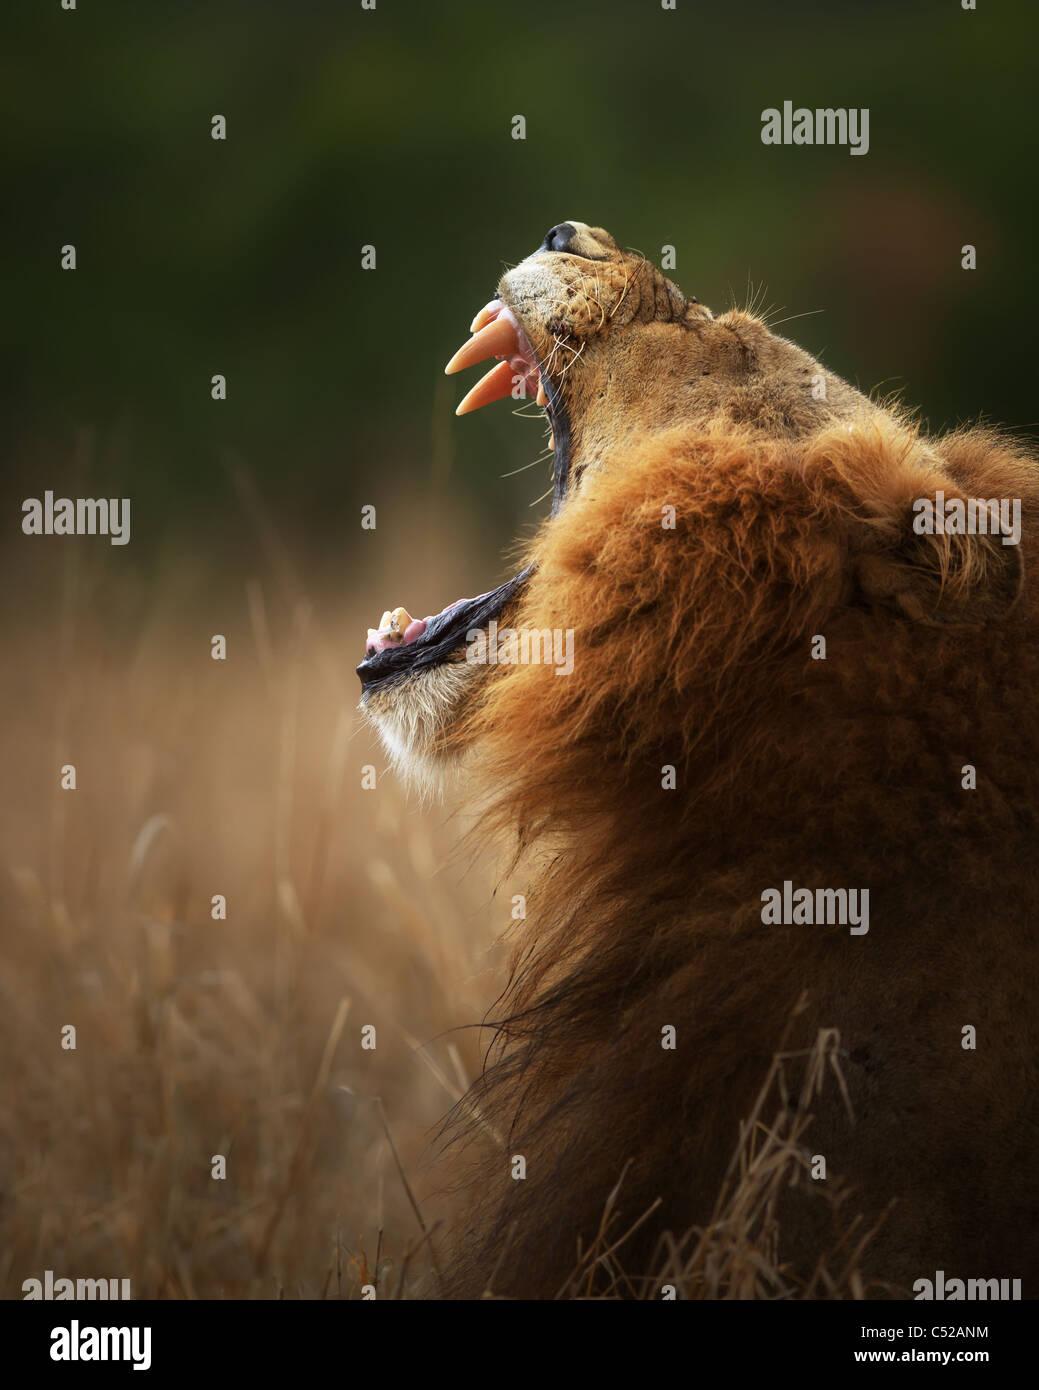 S'affiche lorsque les dents de lion dangereux le bâillement - Kruger National Park - Afrique du Sud Photo Stock